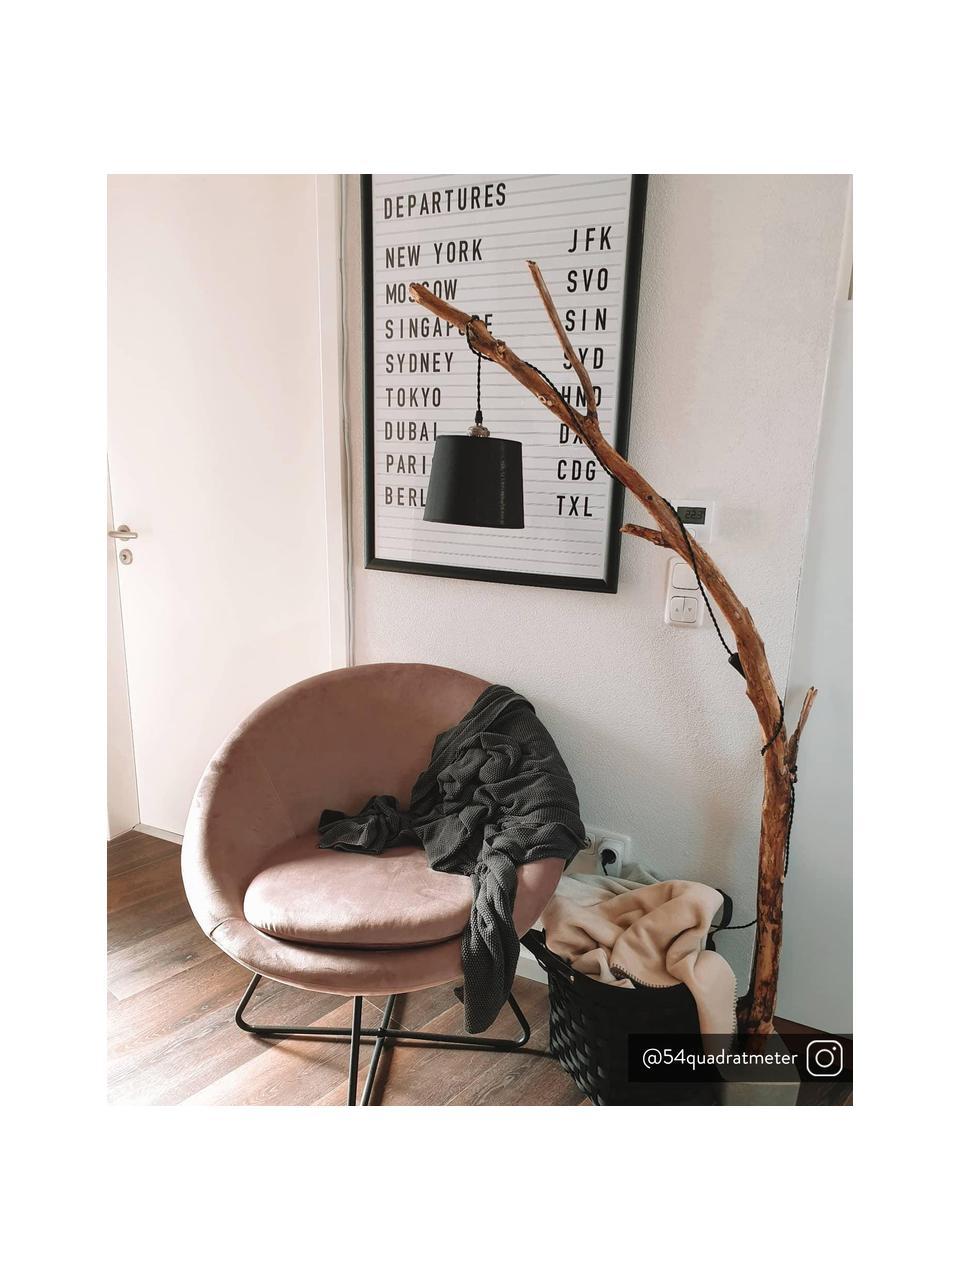 Fotel koktajlowy z aksamitu Center, Tapicerka: aksamit poliestrowy Dzięk, Nogi: metal chropowaty, malowan, Aksamitny brudny różowy, S 82 x G 71 cm